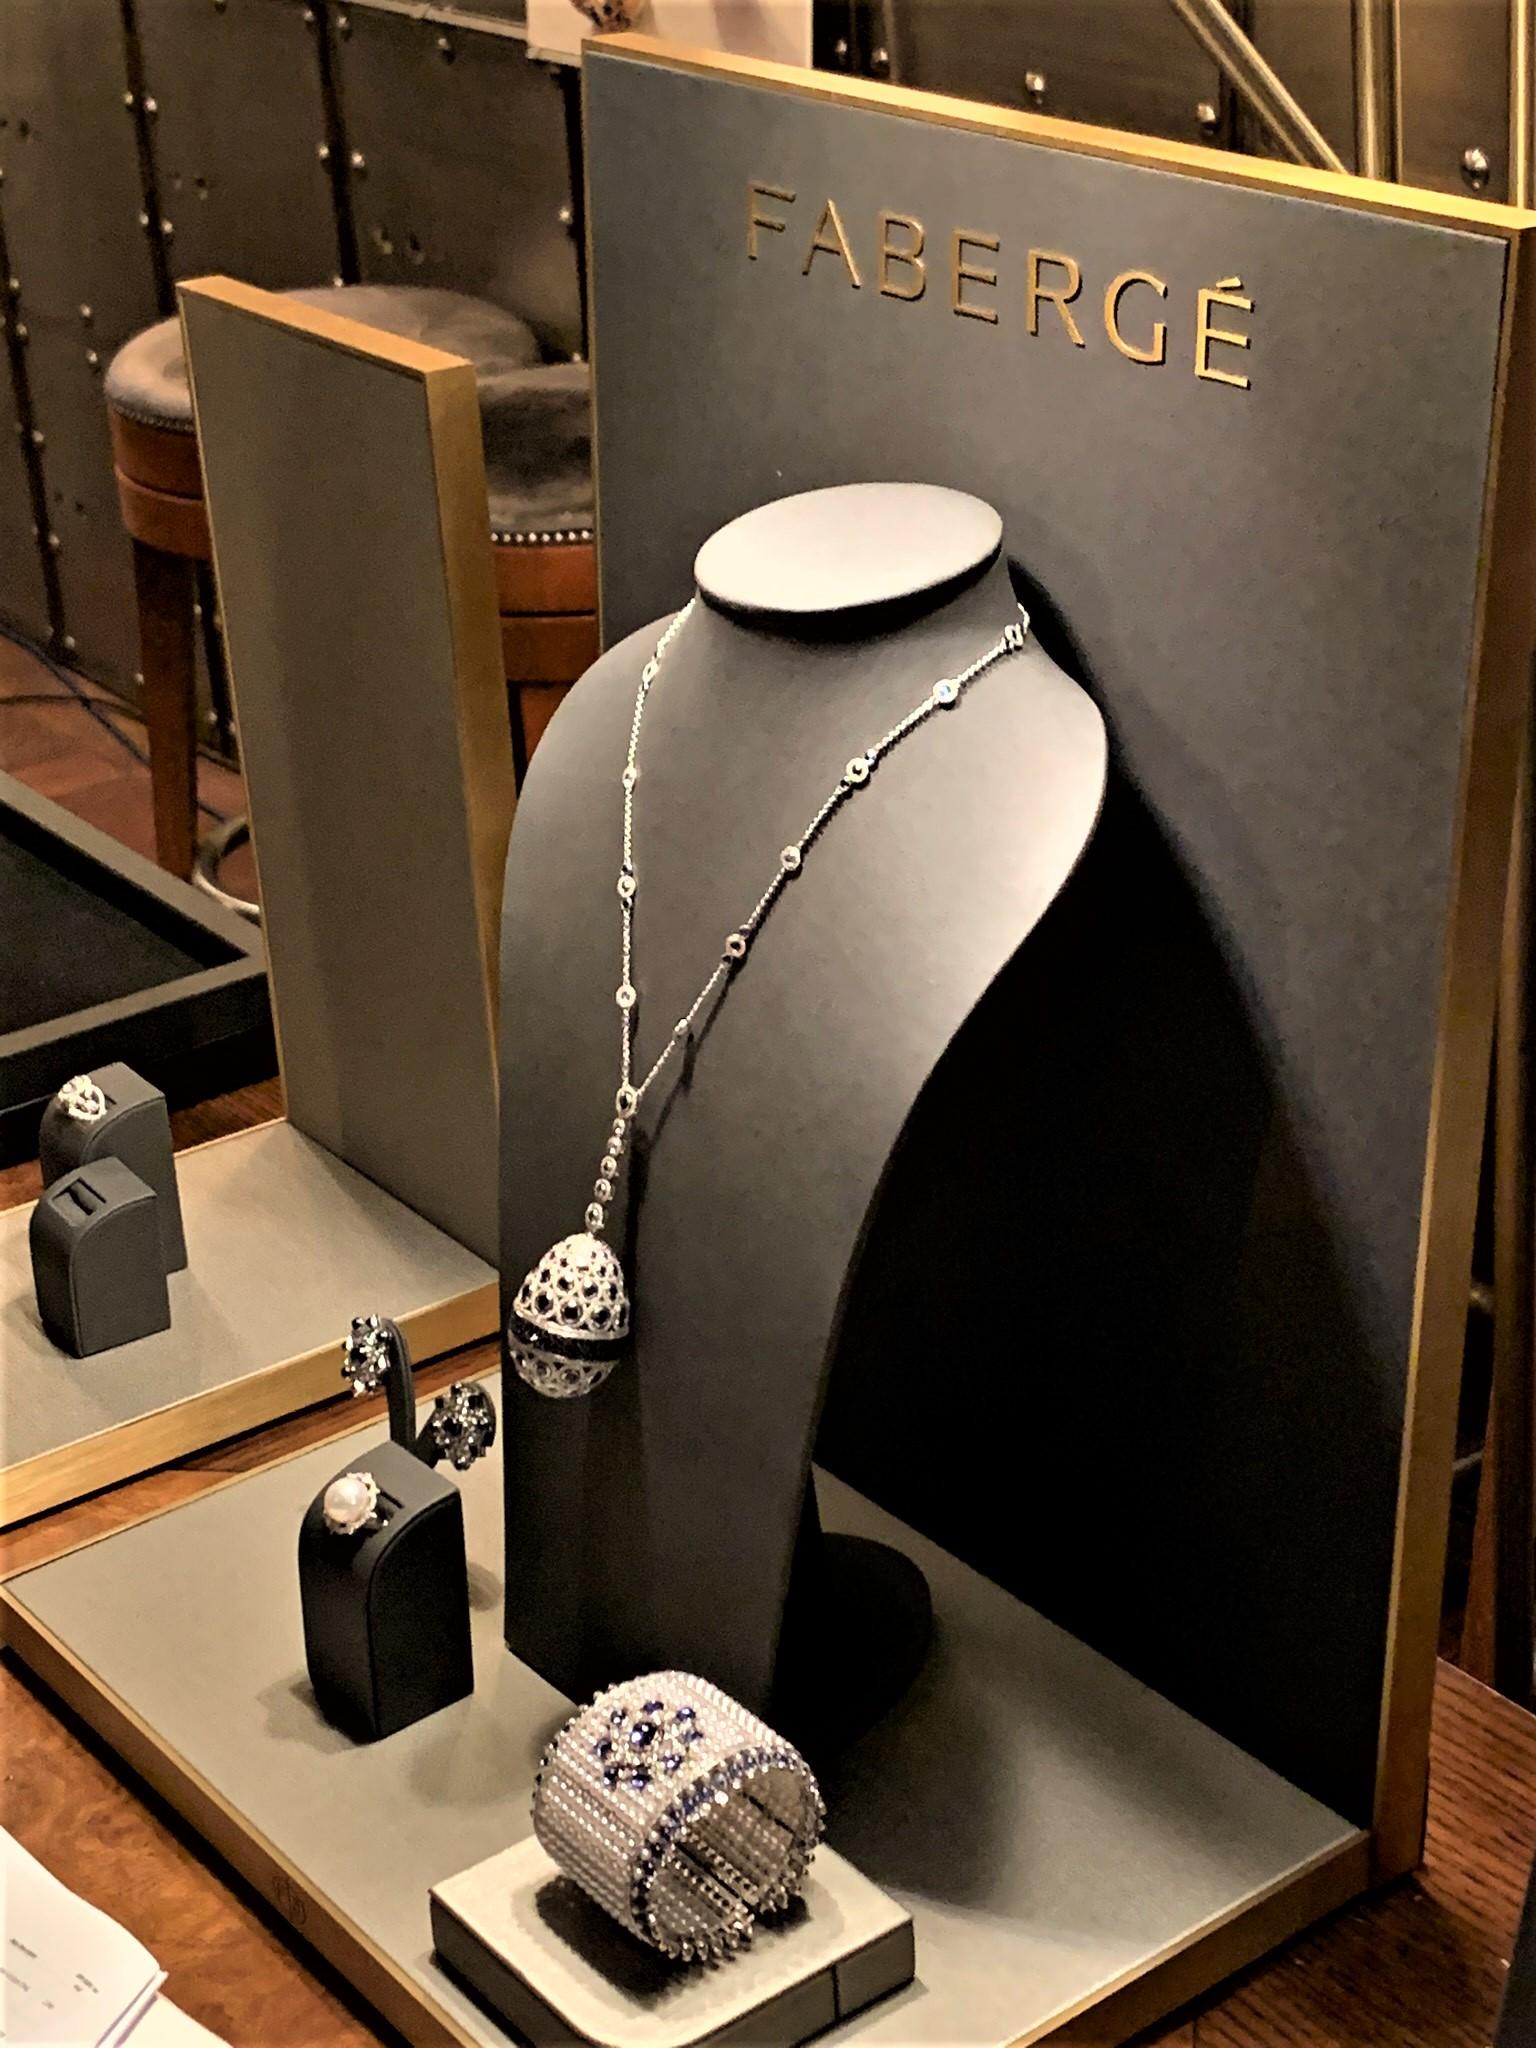 faberge jewelry.jpeg